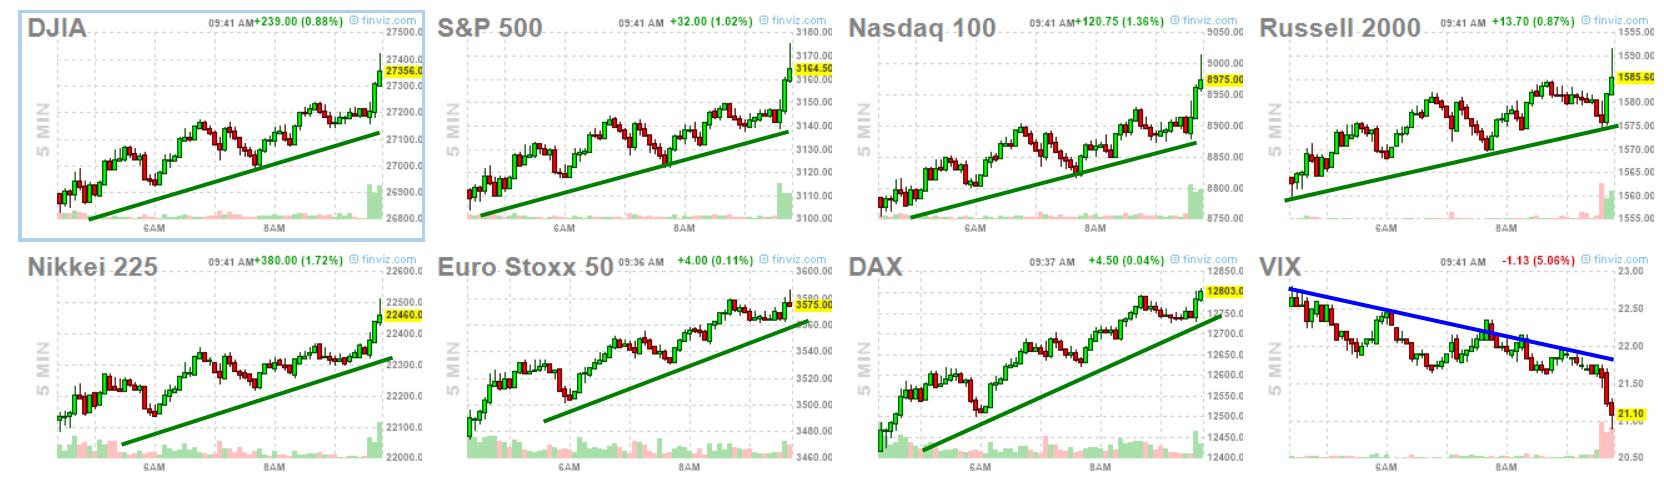 Baja la volatilidad y entra algo de liquidez